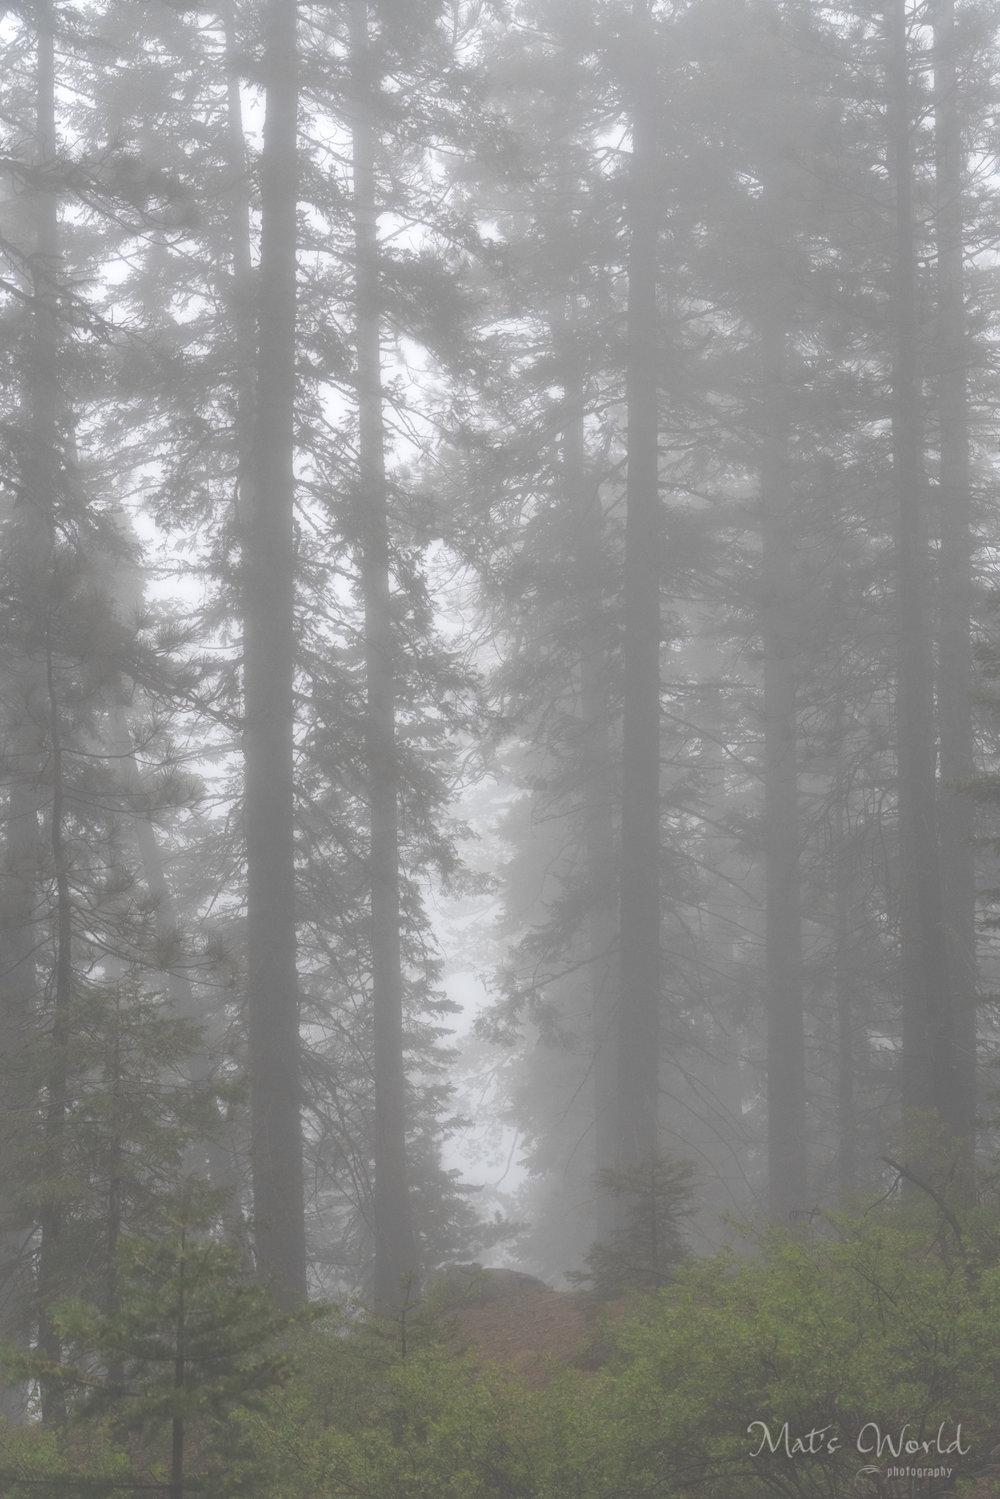 TreesinFog (1 of 1).jpg